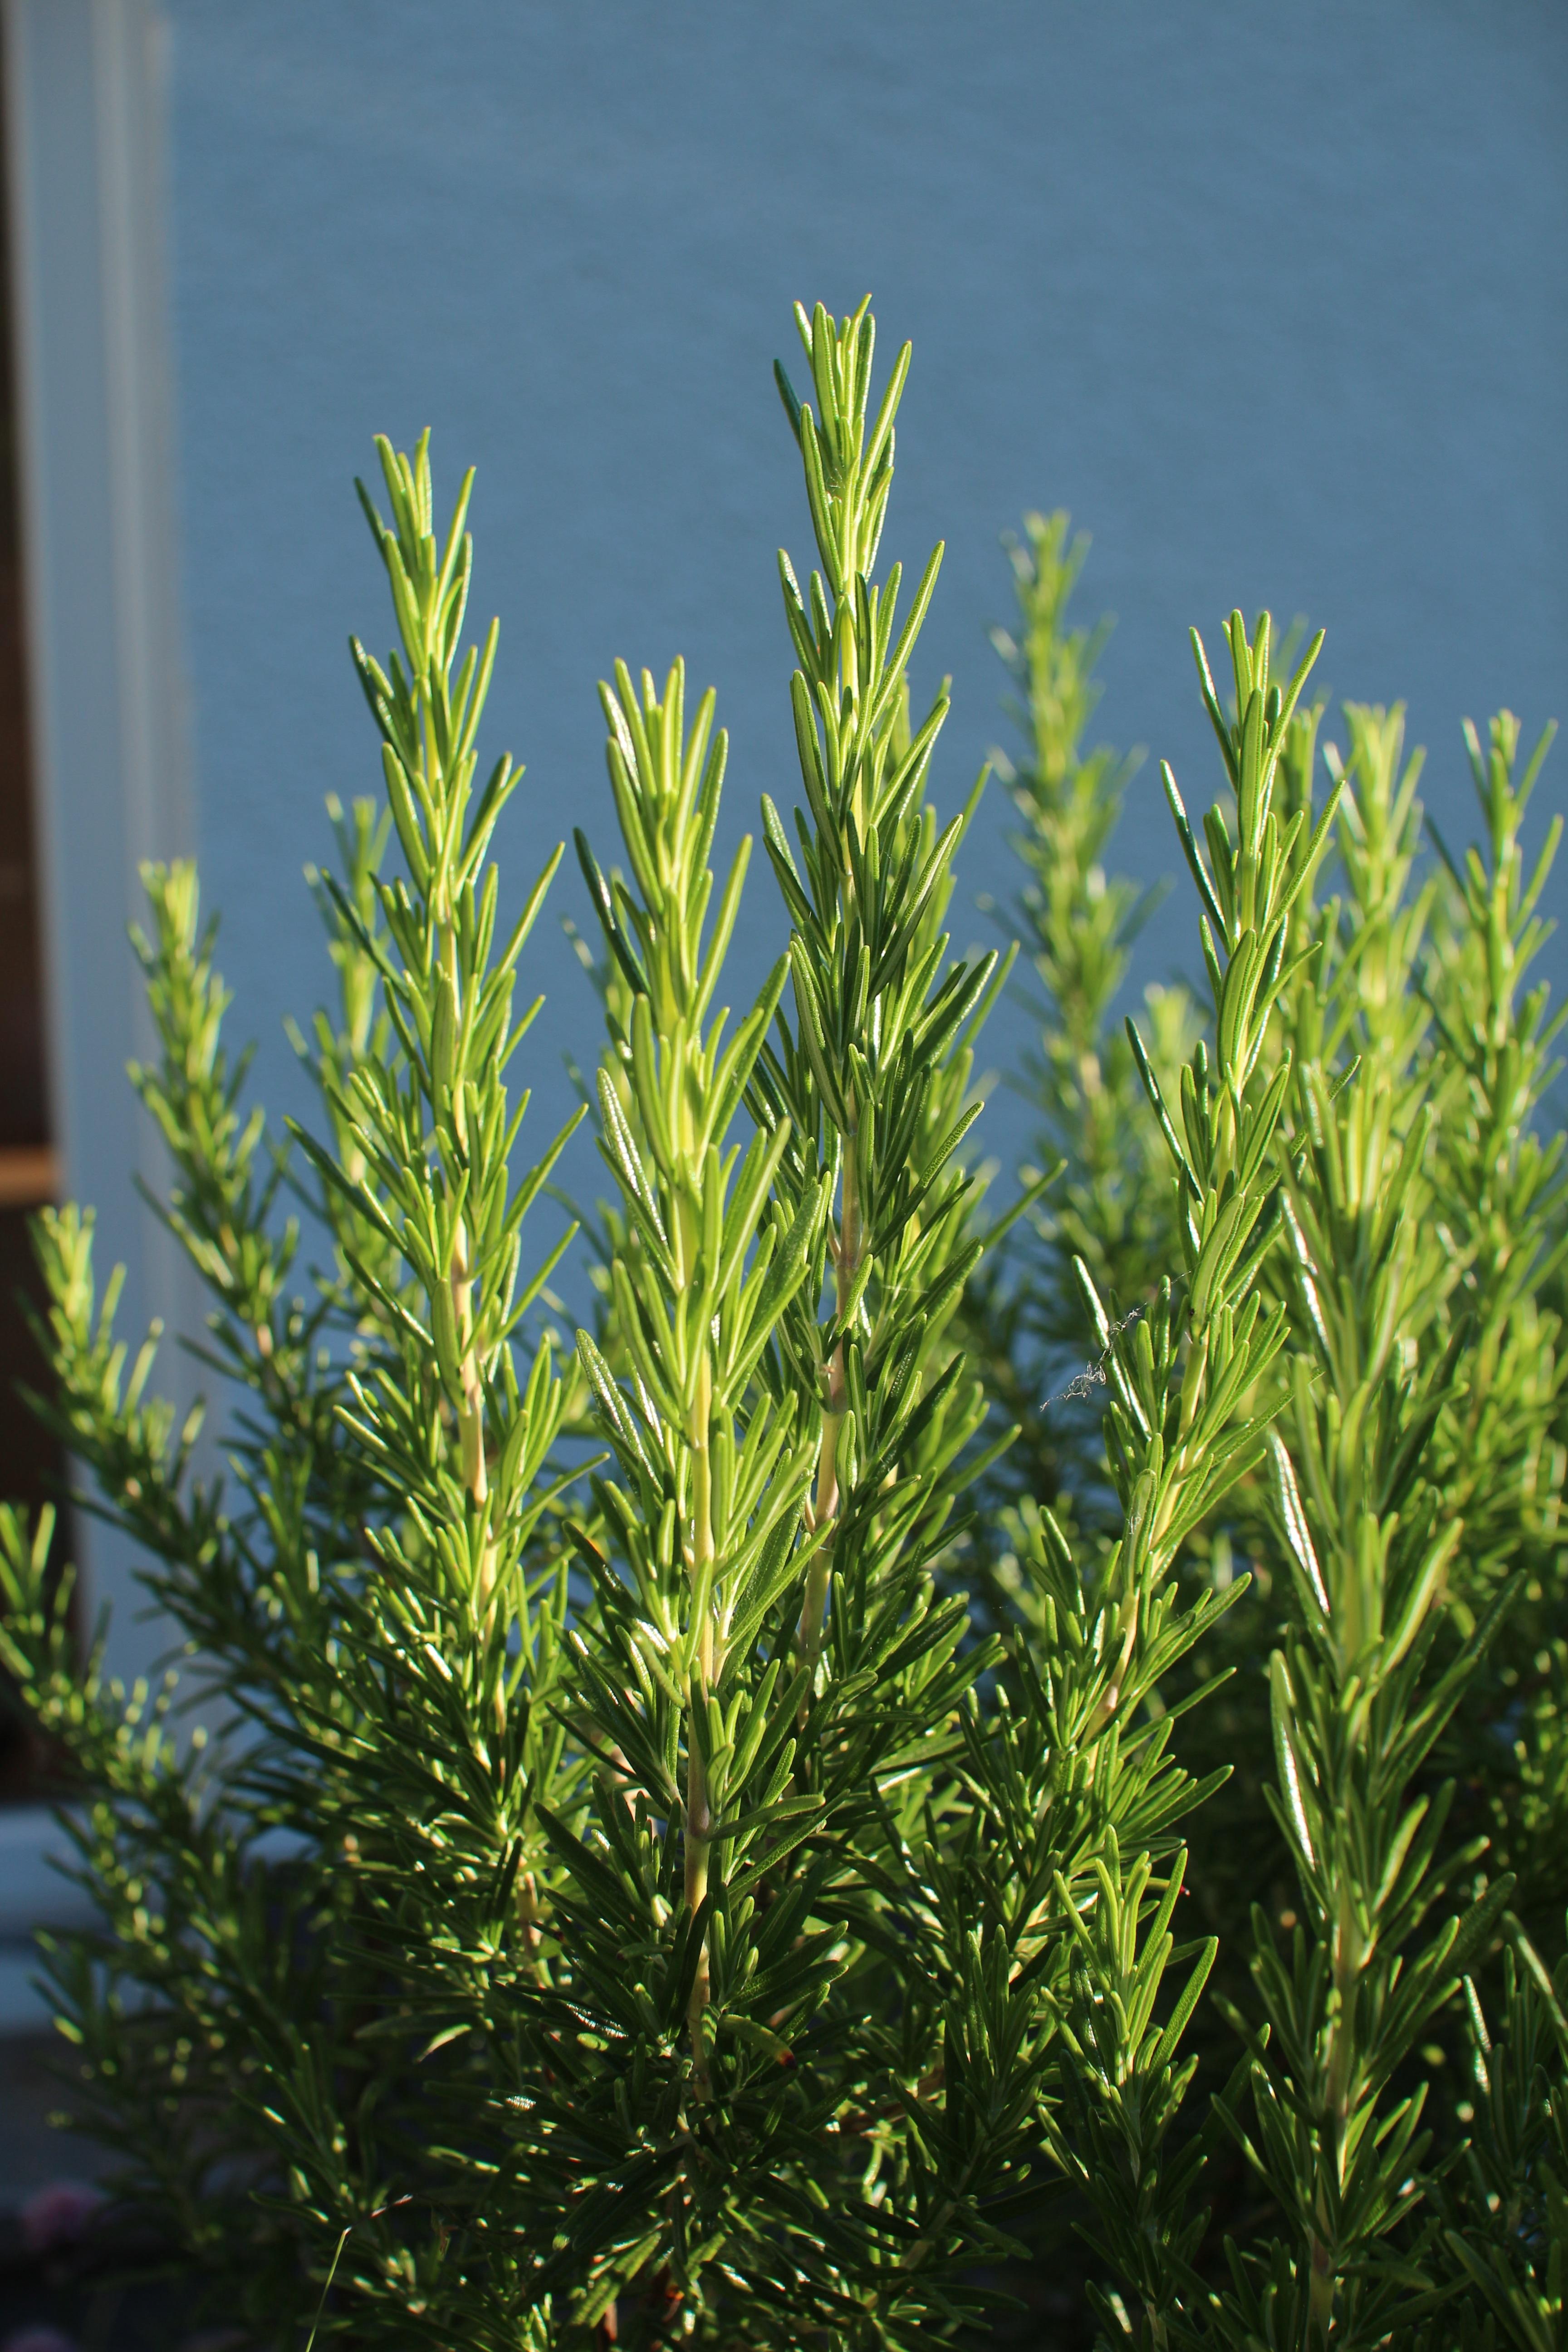 Fotos gratis rbol c sped rama planta flor comida for Arboles frutales de hoja perenne para jardin